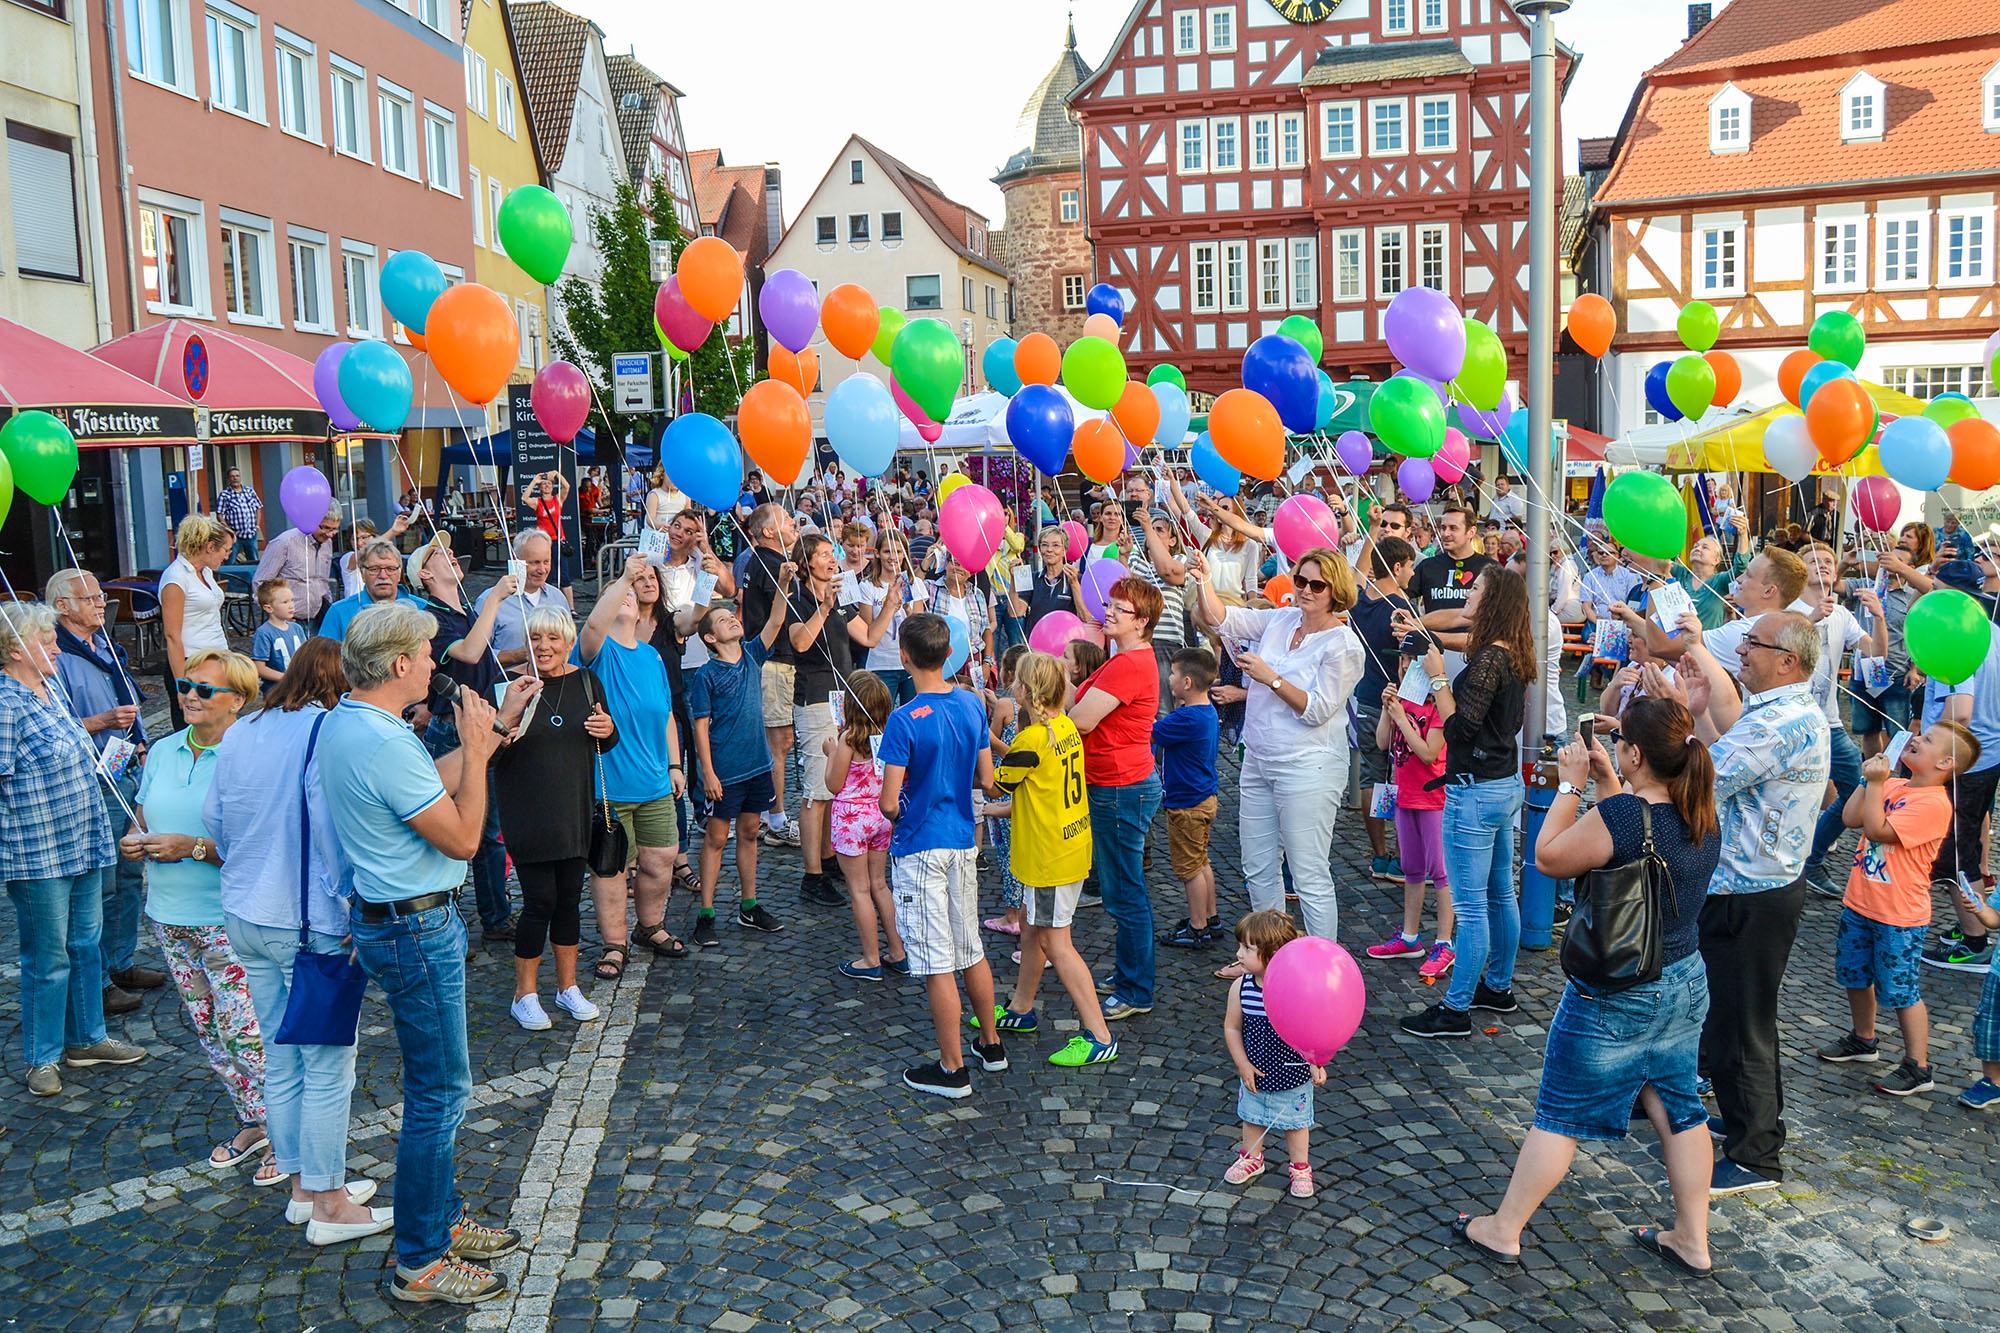 Traditionell wird der Kirchhainer Schlager- und Oldie-Dämmerschoppen mit einem Luftballon-Wettbewerb eröffnet. Im letzten Jahr gab der damalige Bürgermeister Jochen Kirchner den Startschuss, in diesem Jahr übernimmt dies sein Nachfolger Olaf Hausmann.